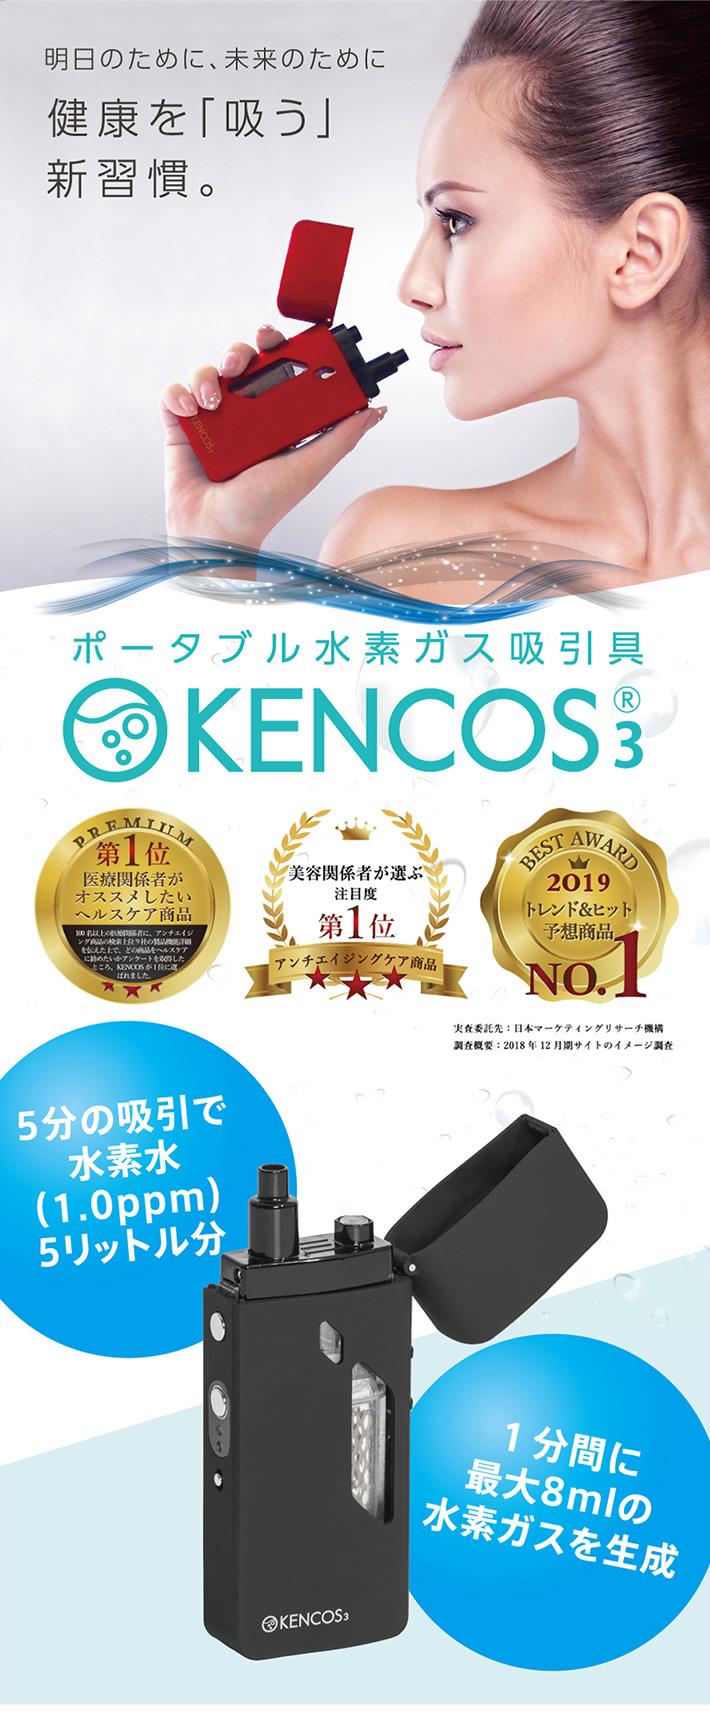 ケンコス3セット 明日のために、未来のために健康を「吸う」新習慣 5分の吸引で水素水(1.0ppm)5リットル分 1分間に最大8mlの水素ガスを生成